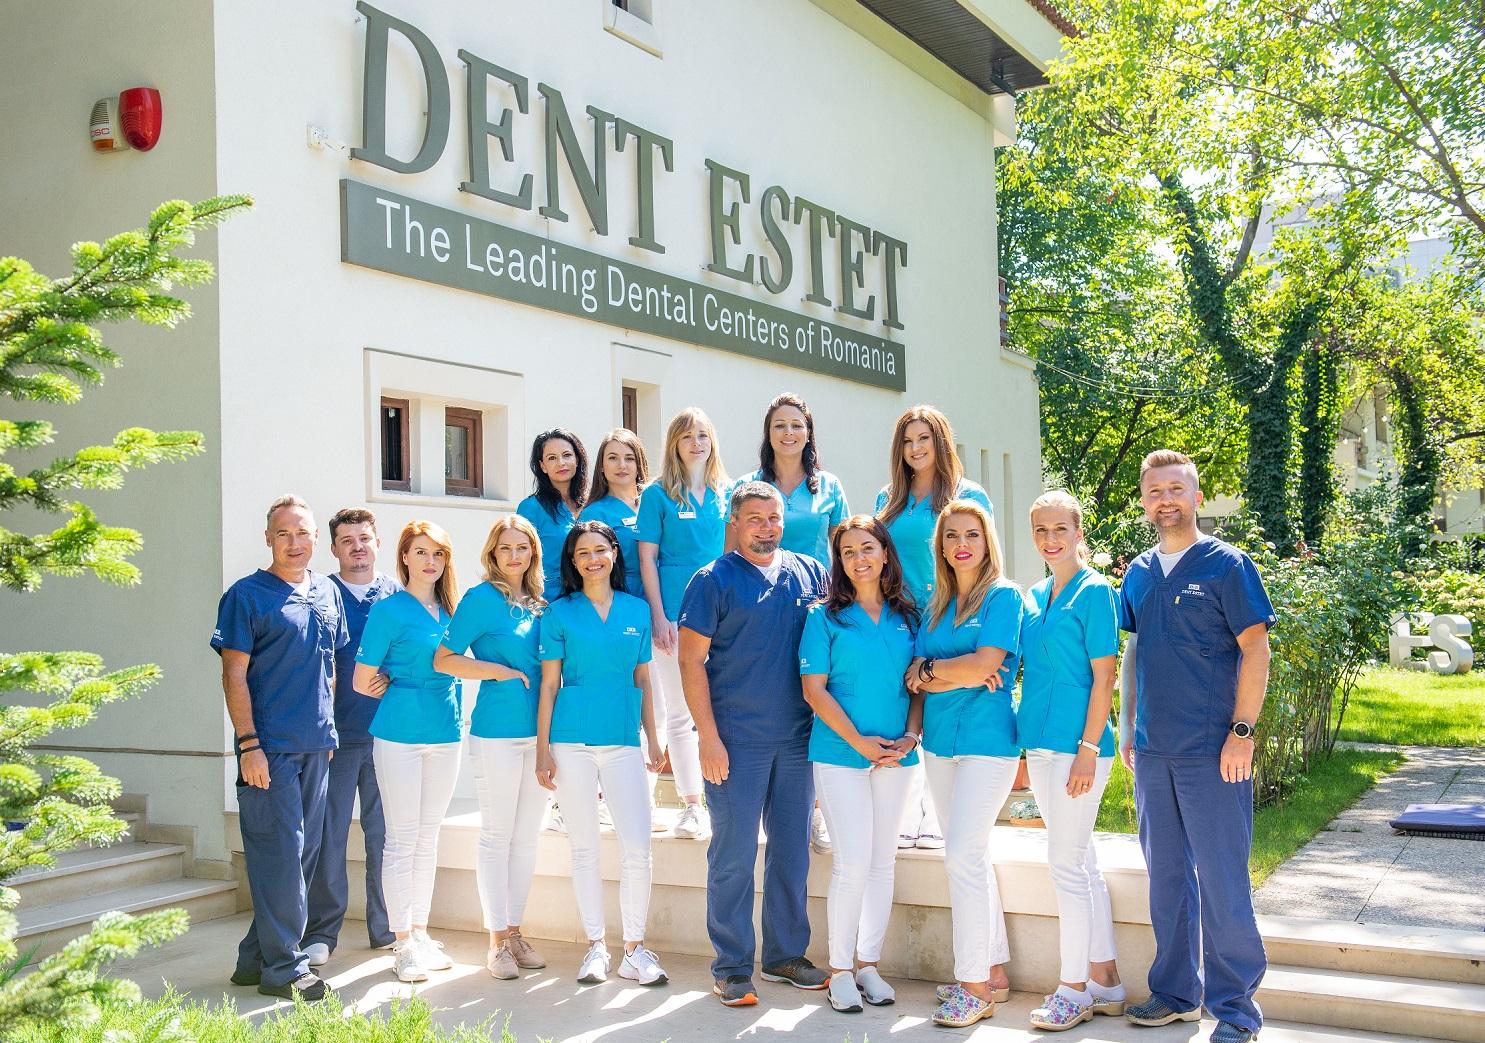 DENT ESTET, liderul pieței de servicii stomatologice, anunță o creștere cu 37% a cifrei de afaceri în primul trimestru 2021 față de  anul trecut